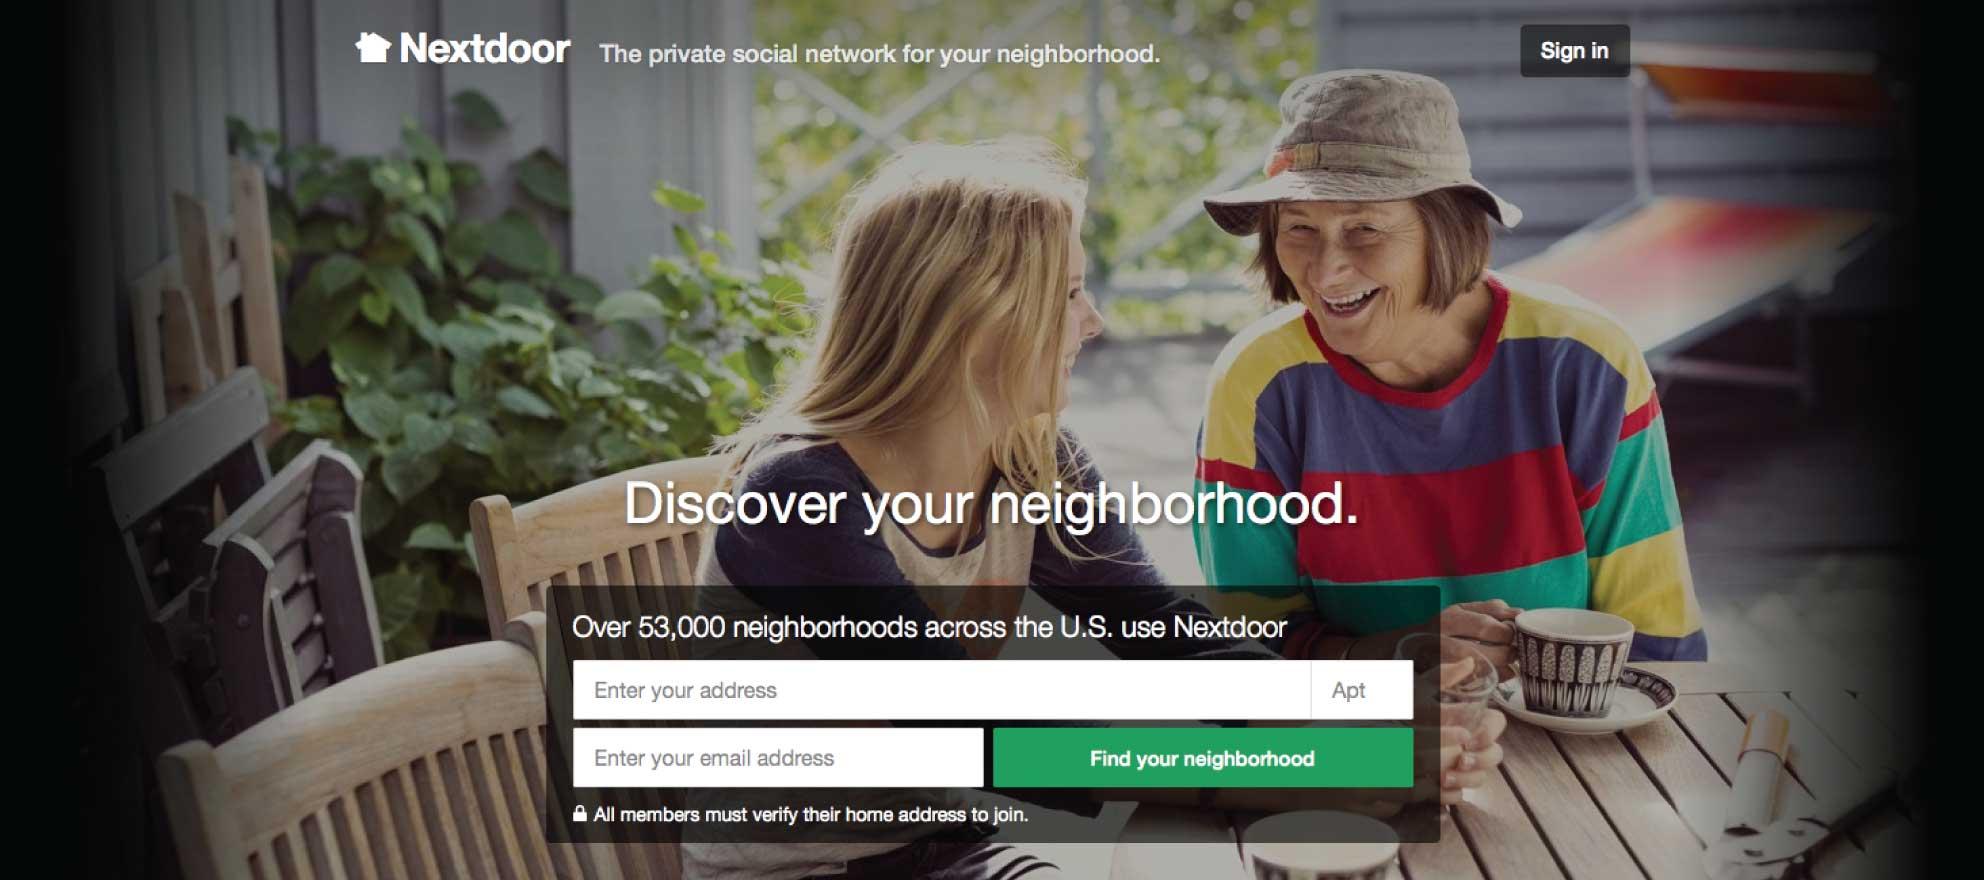 Latest funding round values Nextdoor at $1.1 billion